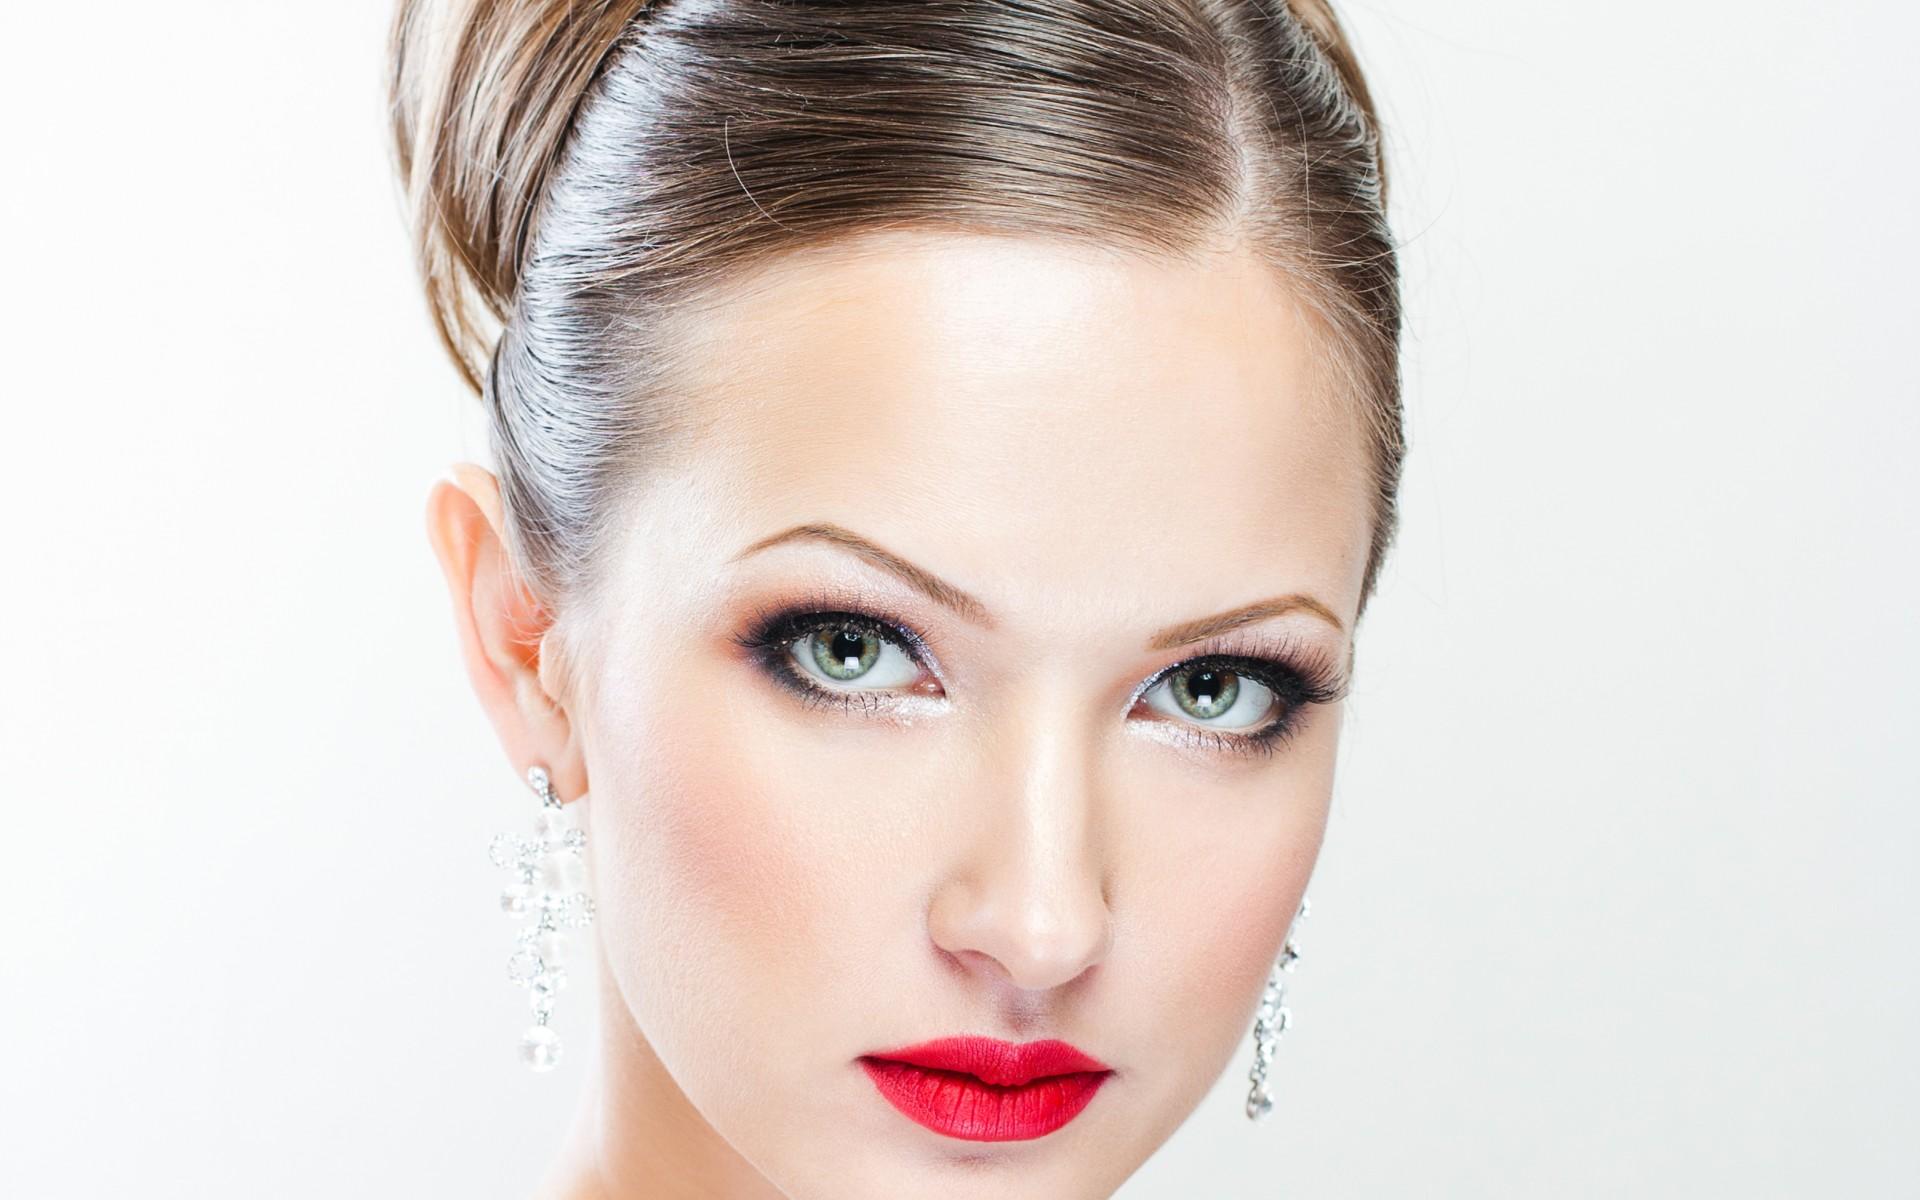 والپیپر دختر با گوشواره های زیبا